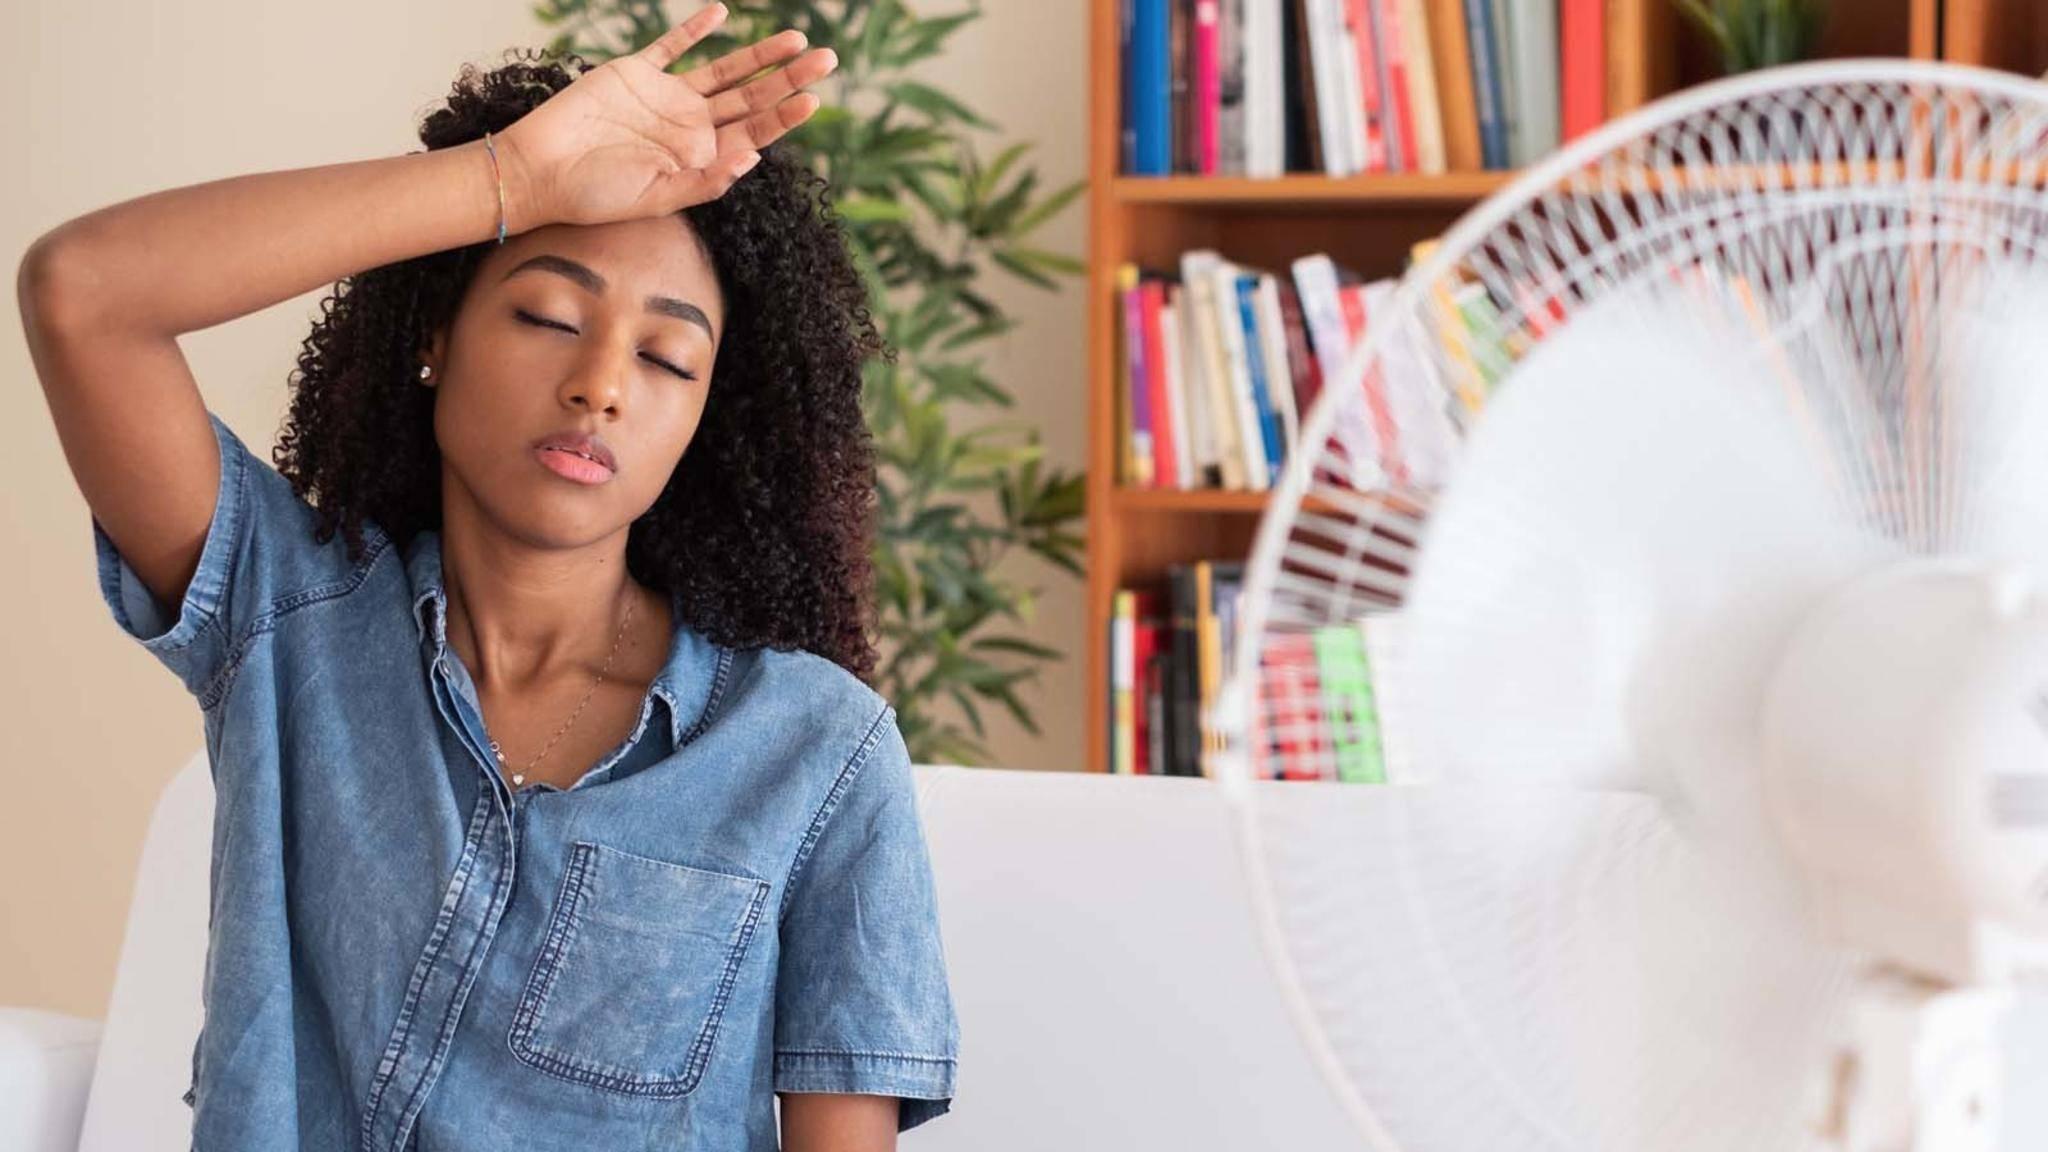 Woman refreshing in front of a fan-Ventilator-Frau-heiß-Paolese-AdobeStock_269986728